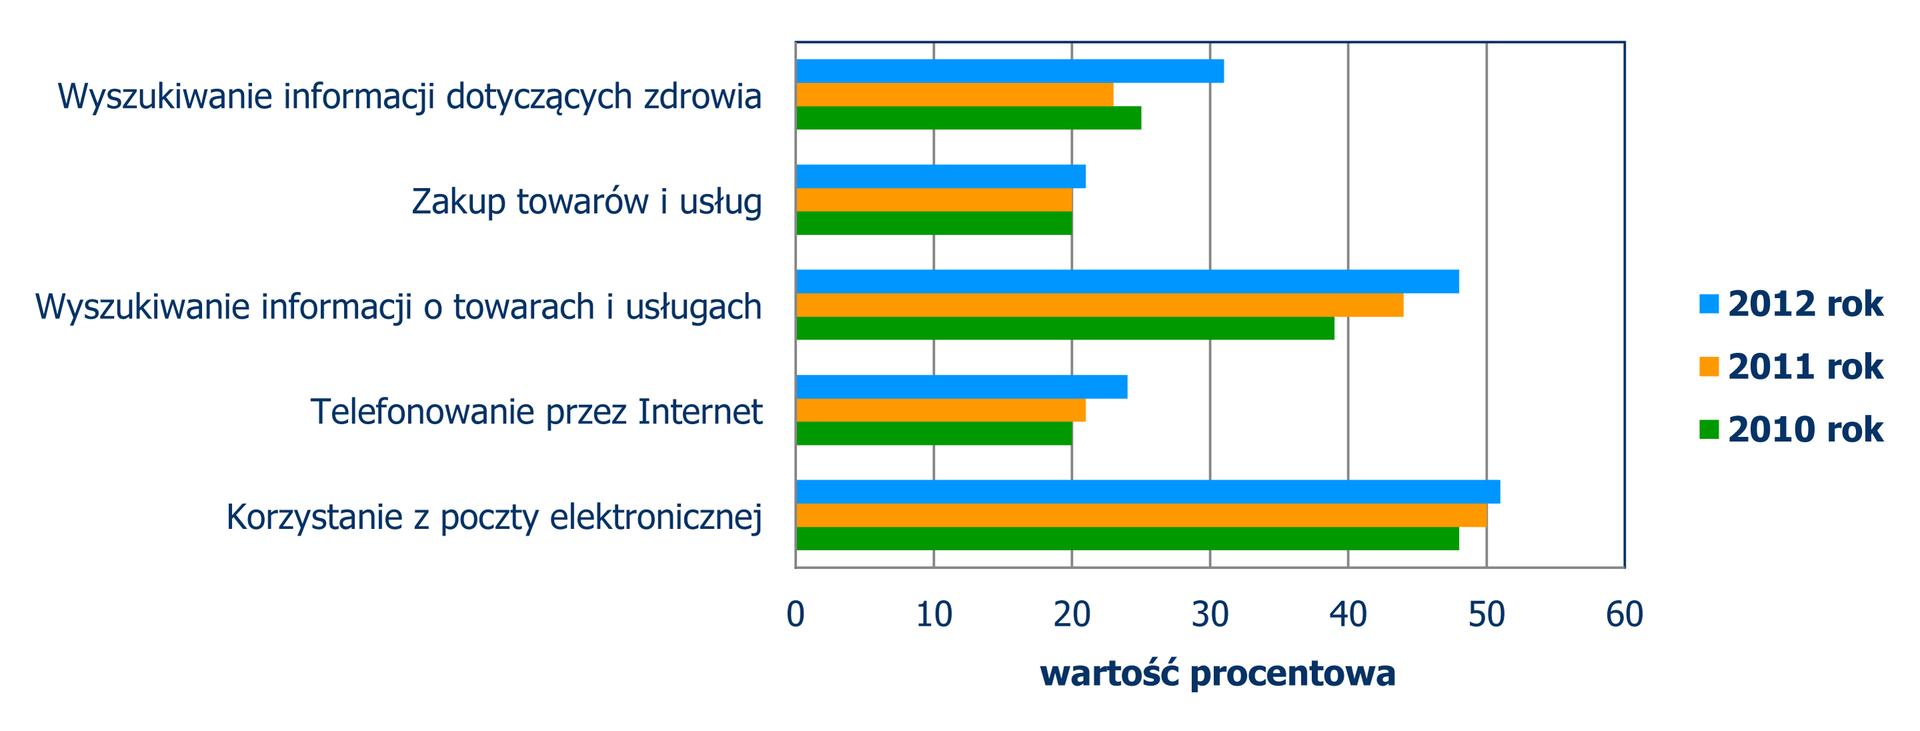 Diagram słupkowy poziomy, zktórego odczytujemy wykorzystywanie Internetu wlatach 2010, 2011, 2012. Wyszukiwanie informacji dotyczących zdrowia: 2012 – 31%, 2011 – 23%, 2010 – 25%. Zakup towarów iusług: 2012 – 21%, 2011 – 20%, 2010 – 20%. Wyszukiwanie informacji otowarach iusługach: 2012 – 48%, 2011 – 45%, 2010 – 39%. Telefonowanie przez Internet: 2012 – 25%, 2011 – 21%, 2010 – 20%. Korzystanie zpoczty elektronicznej: 2012 – 51%, 2011 – 50%, 2010 – 48%.